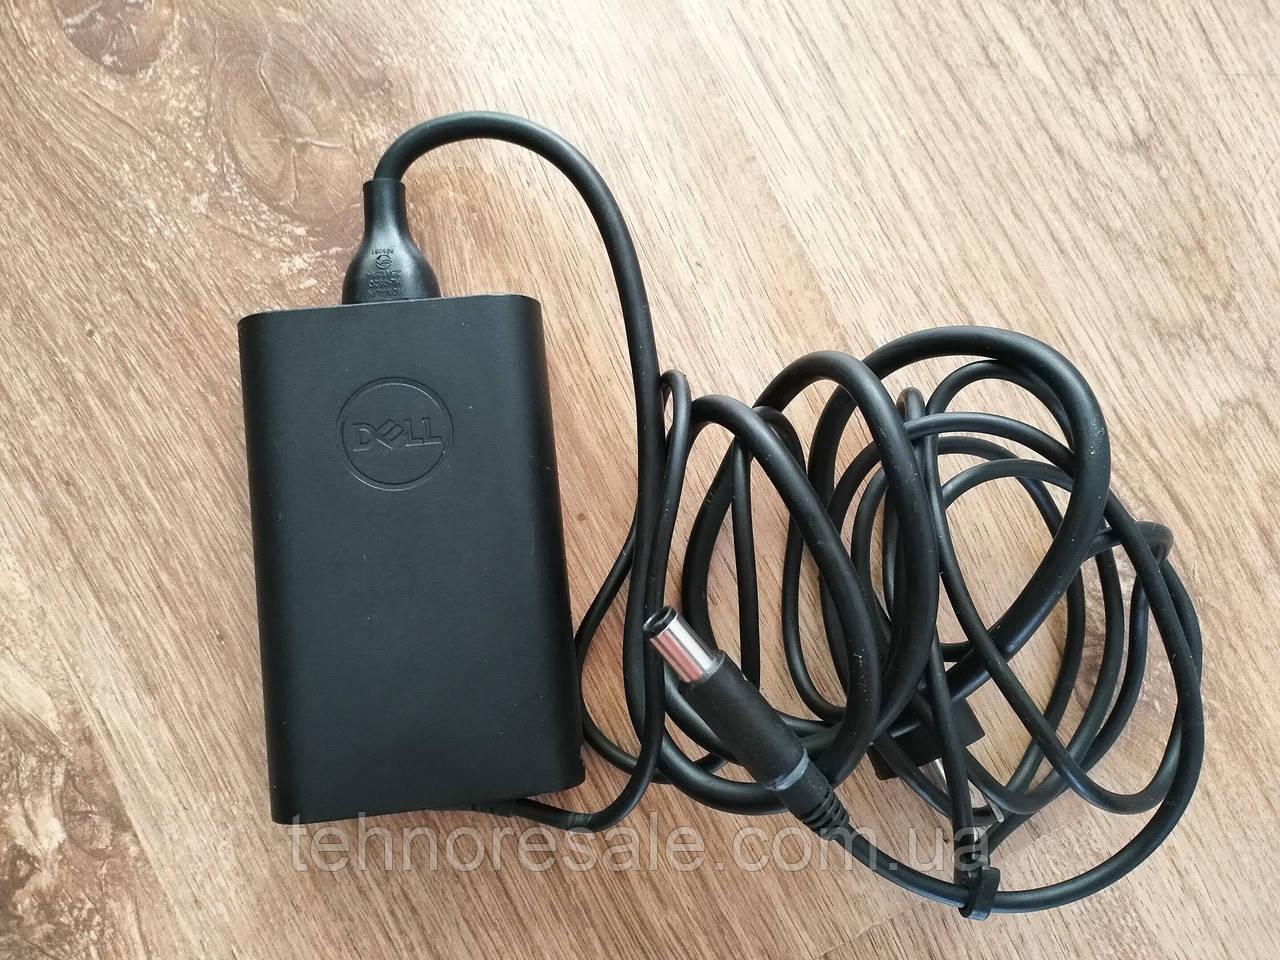 Dell 65w зарядное устройство для ноутбука dell